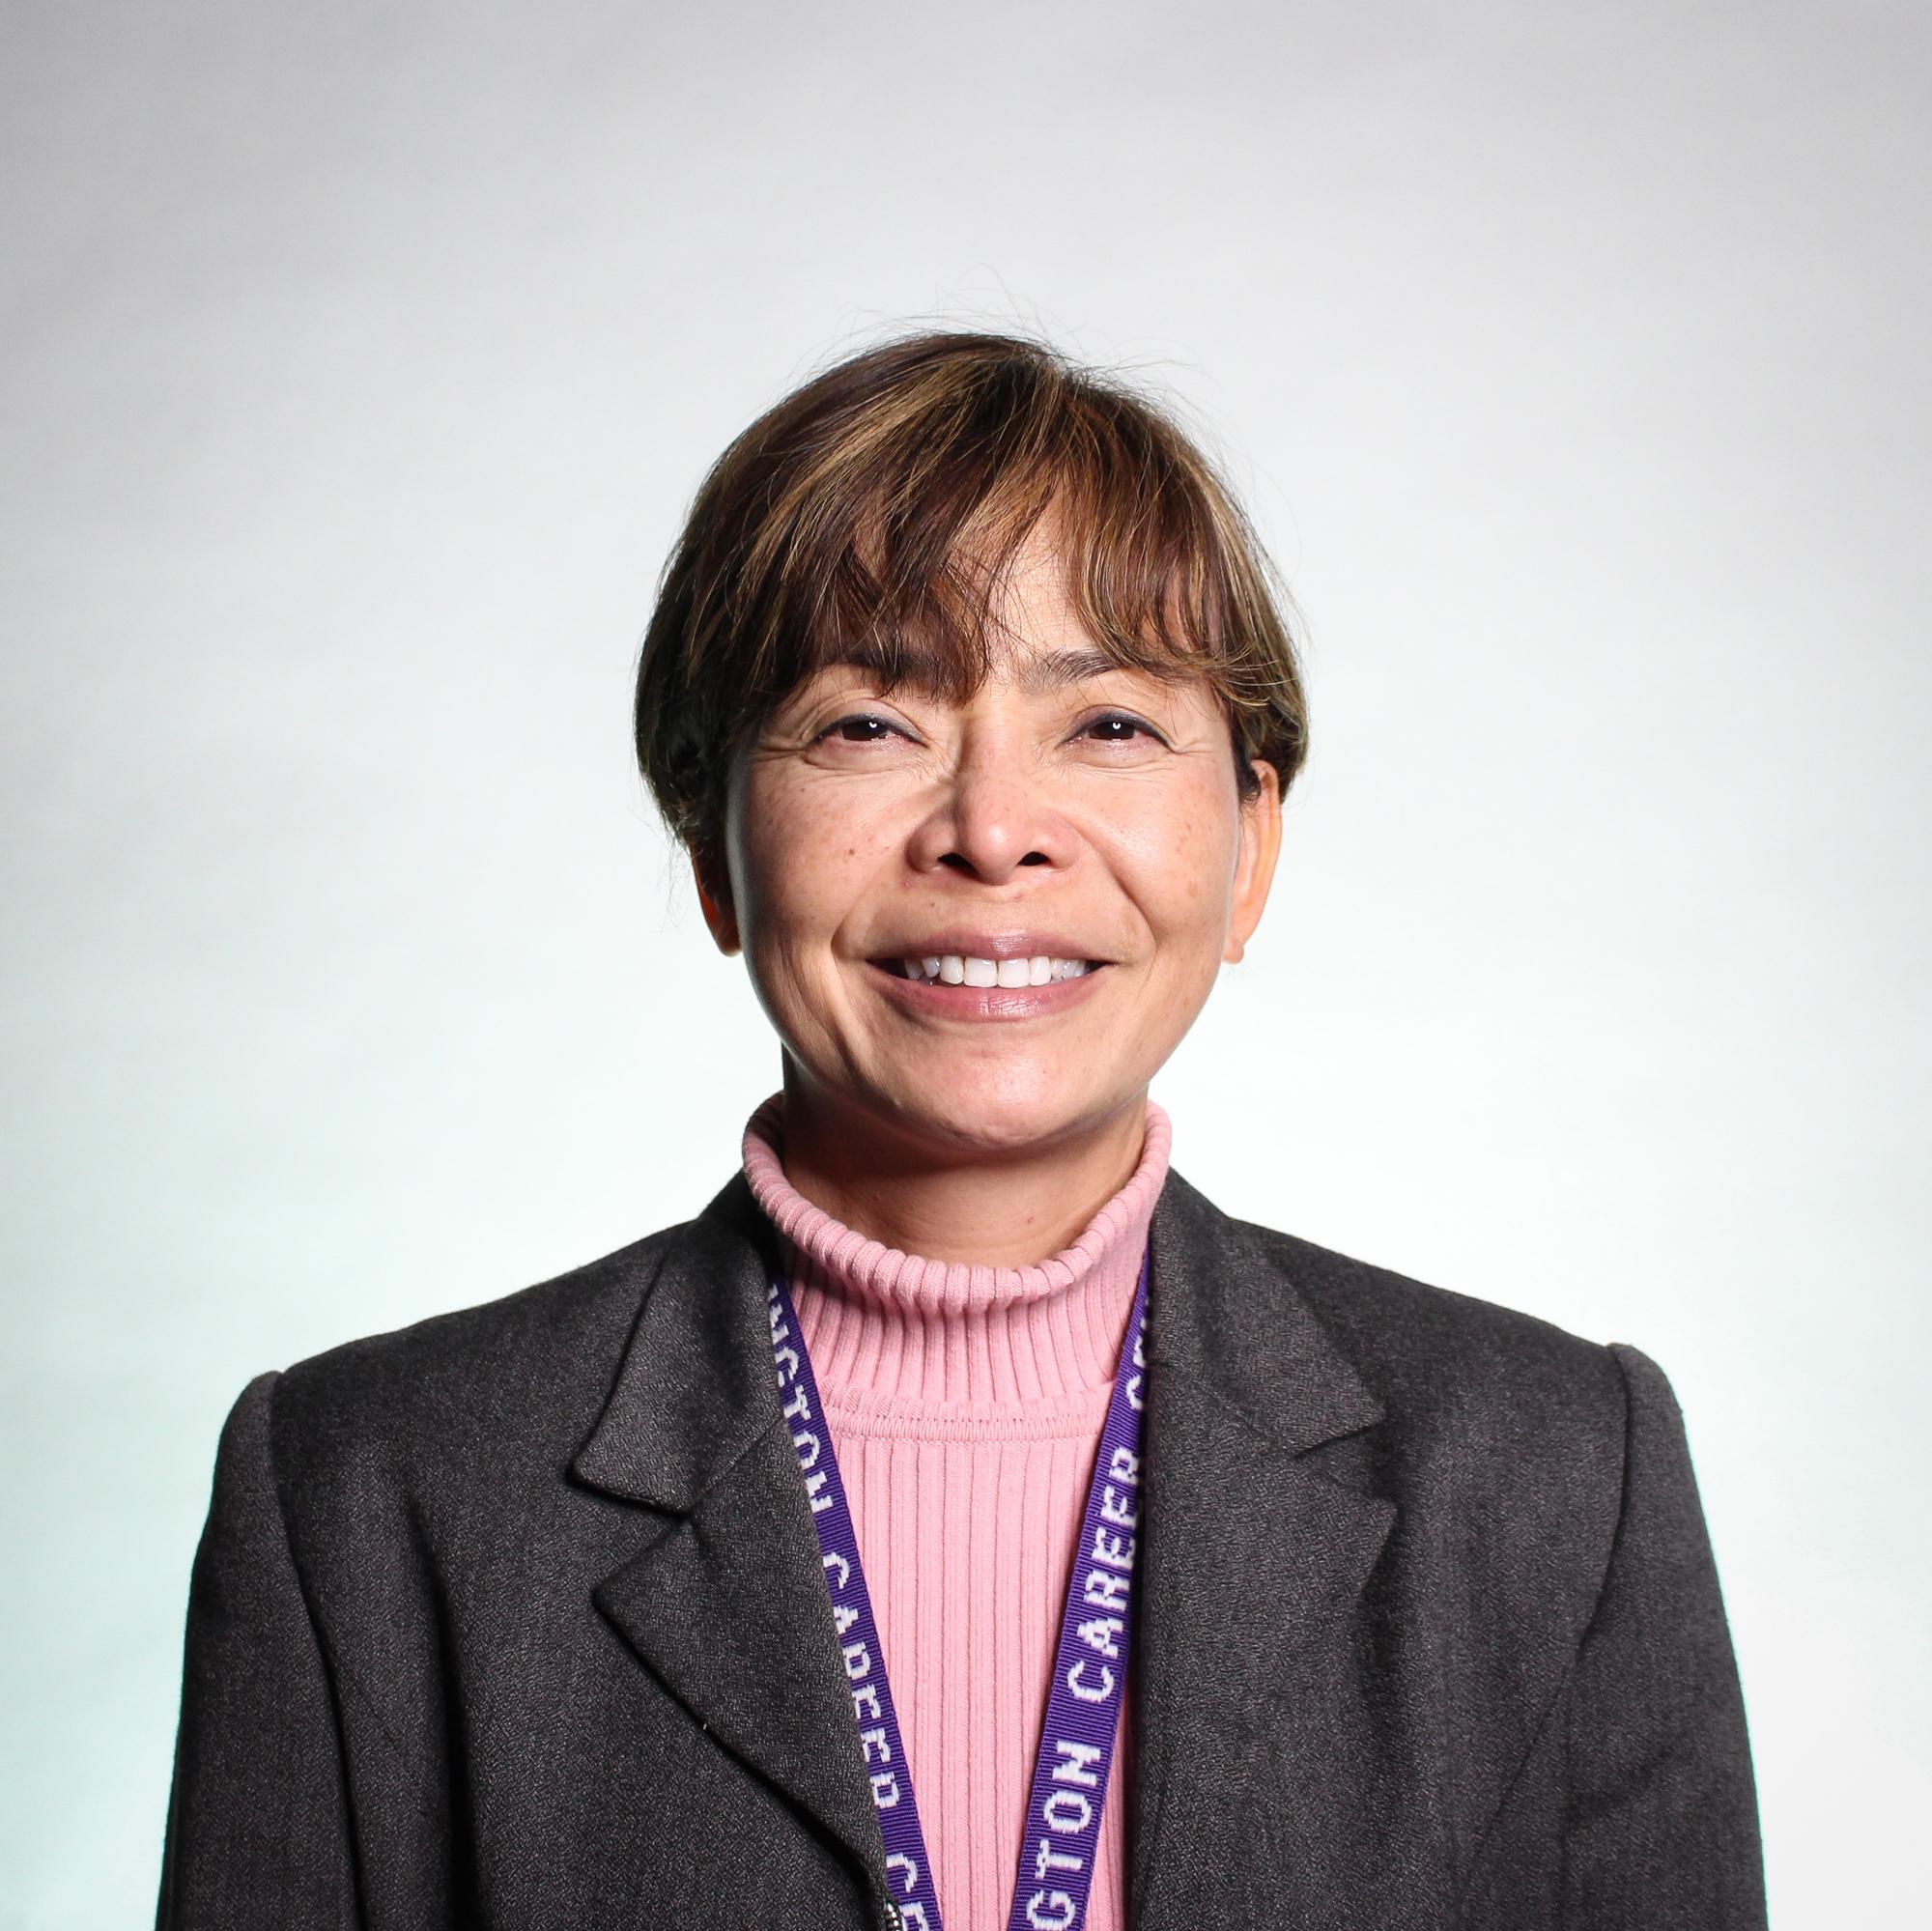 Ms. Amy Daniels